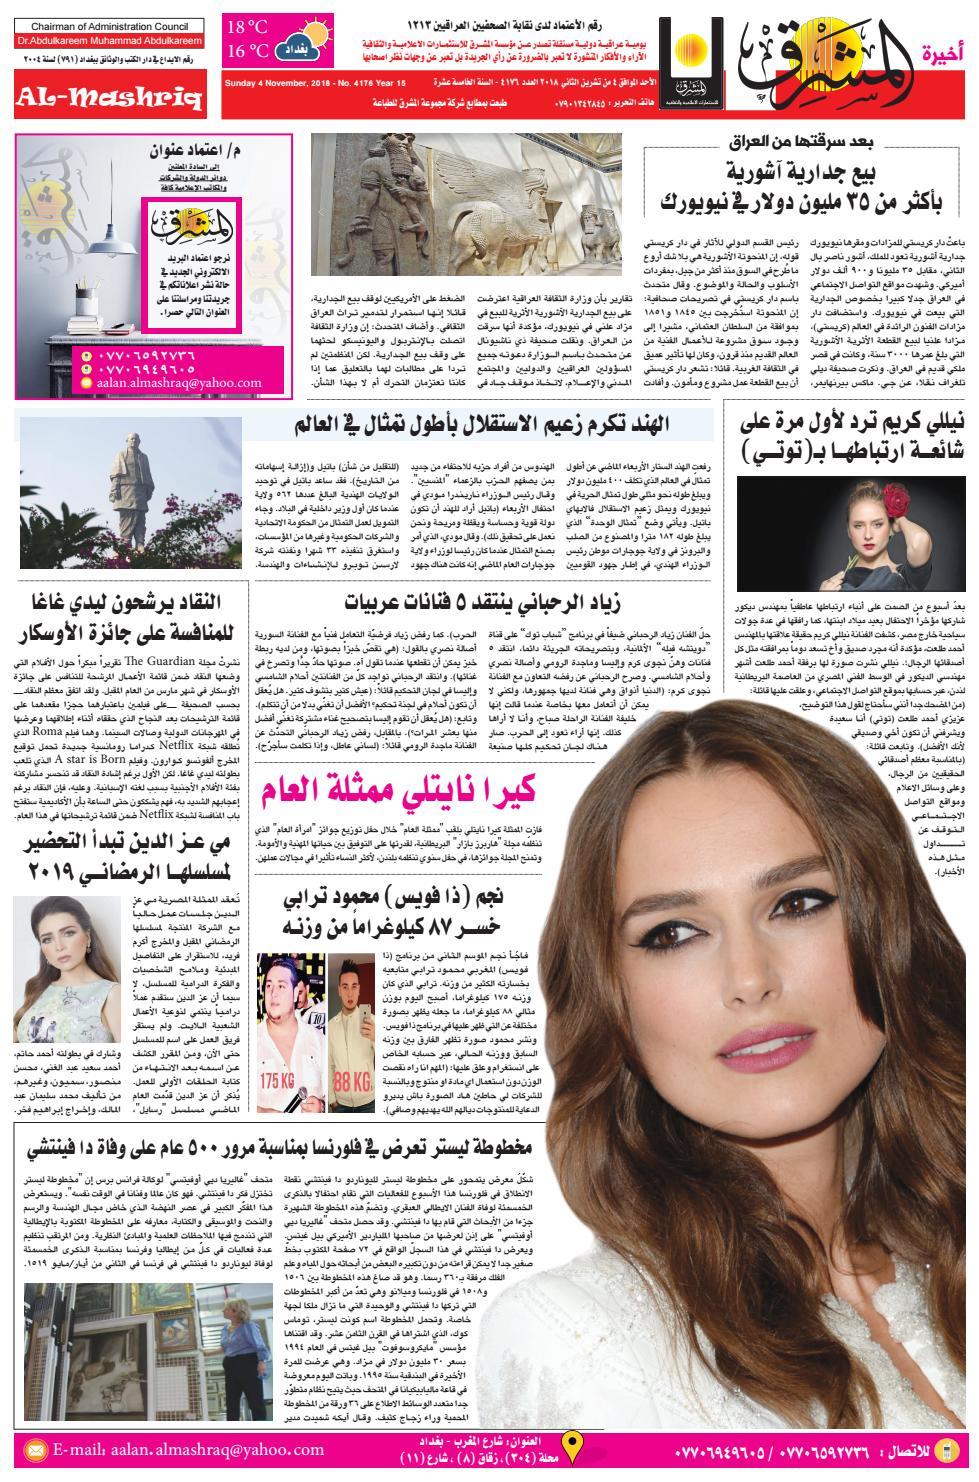 9b28ad582ffa3 4176 AlmashriqNews by Al Mashriq Newspaper - issuu